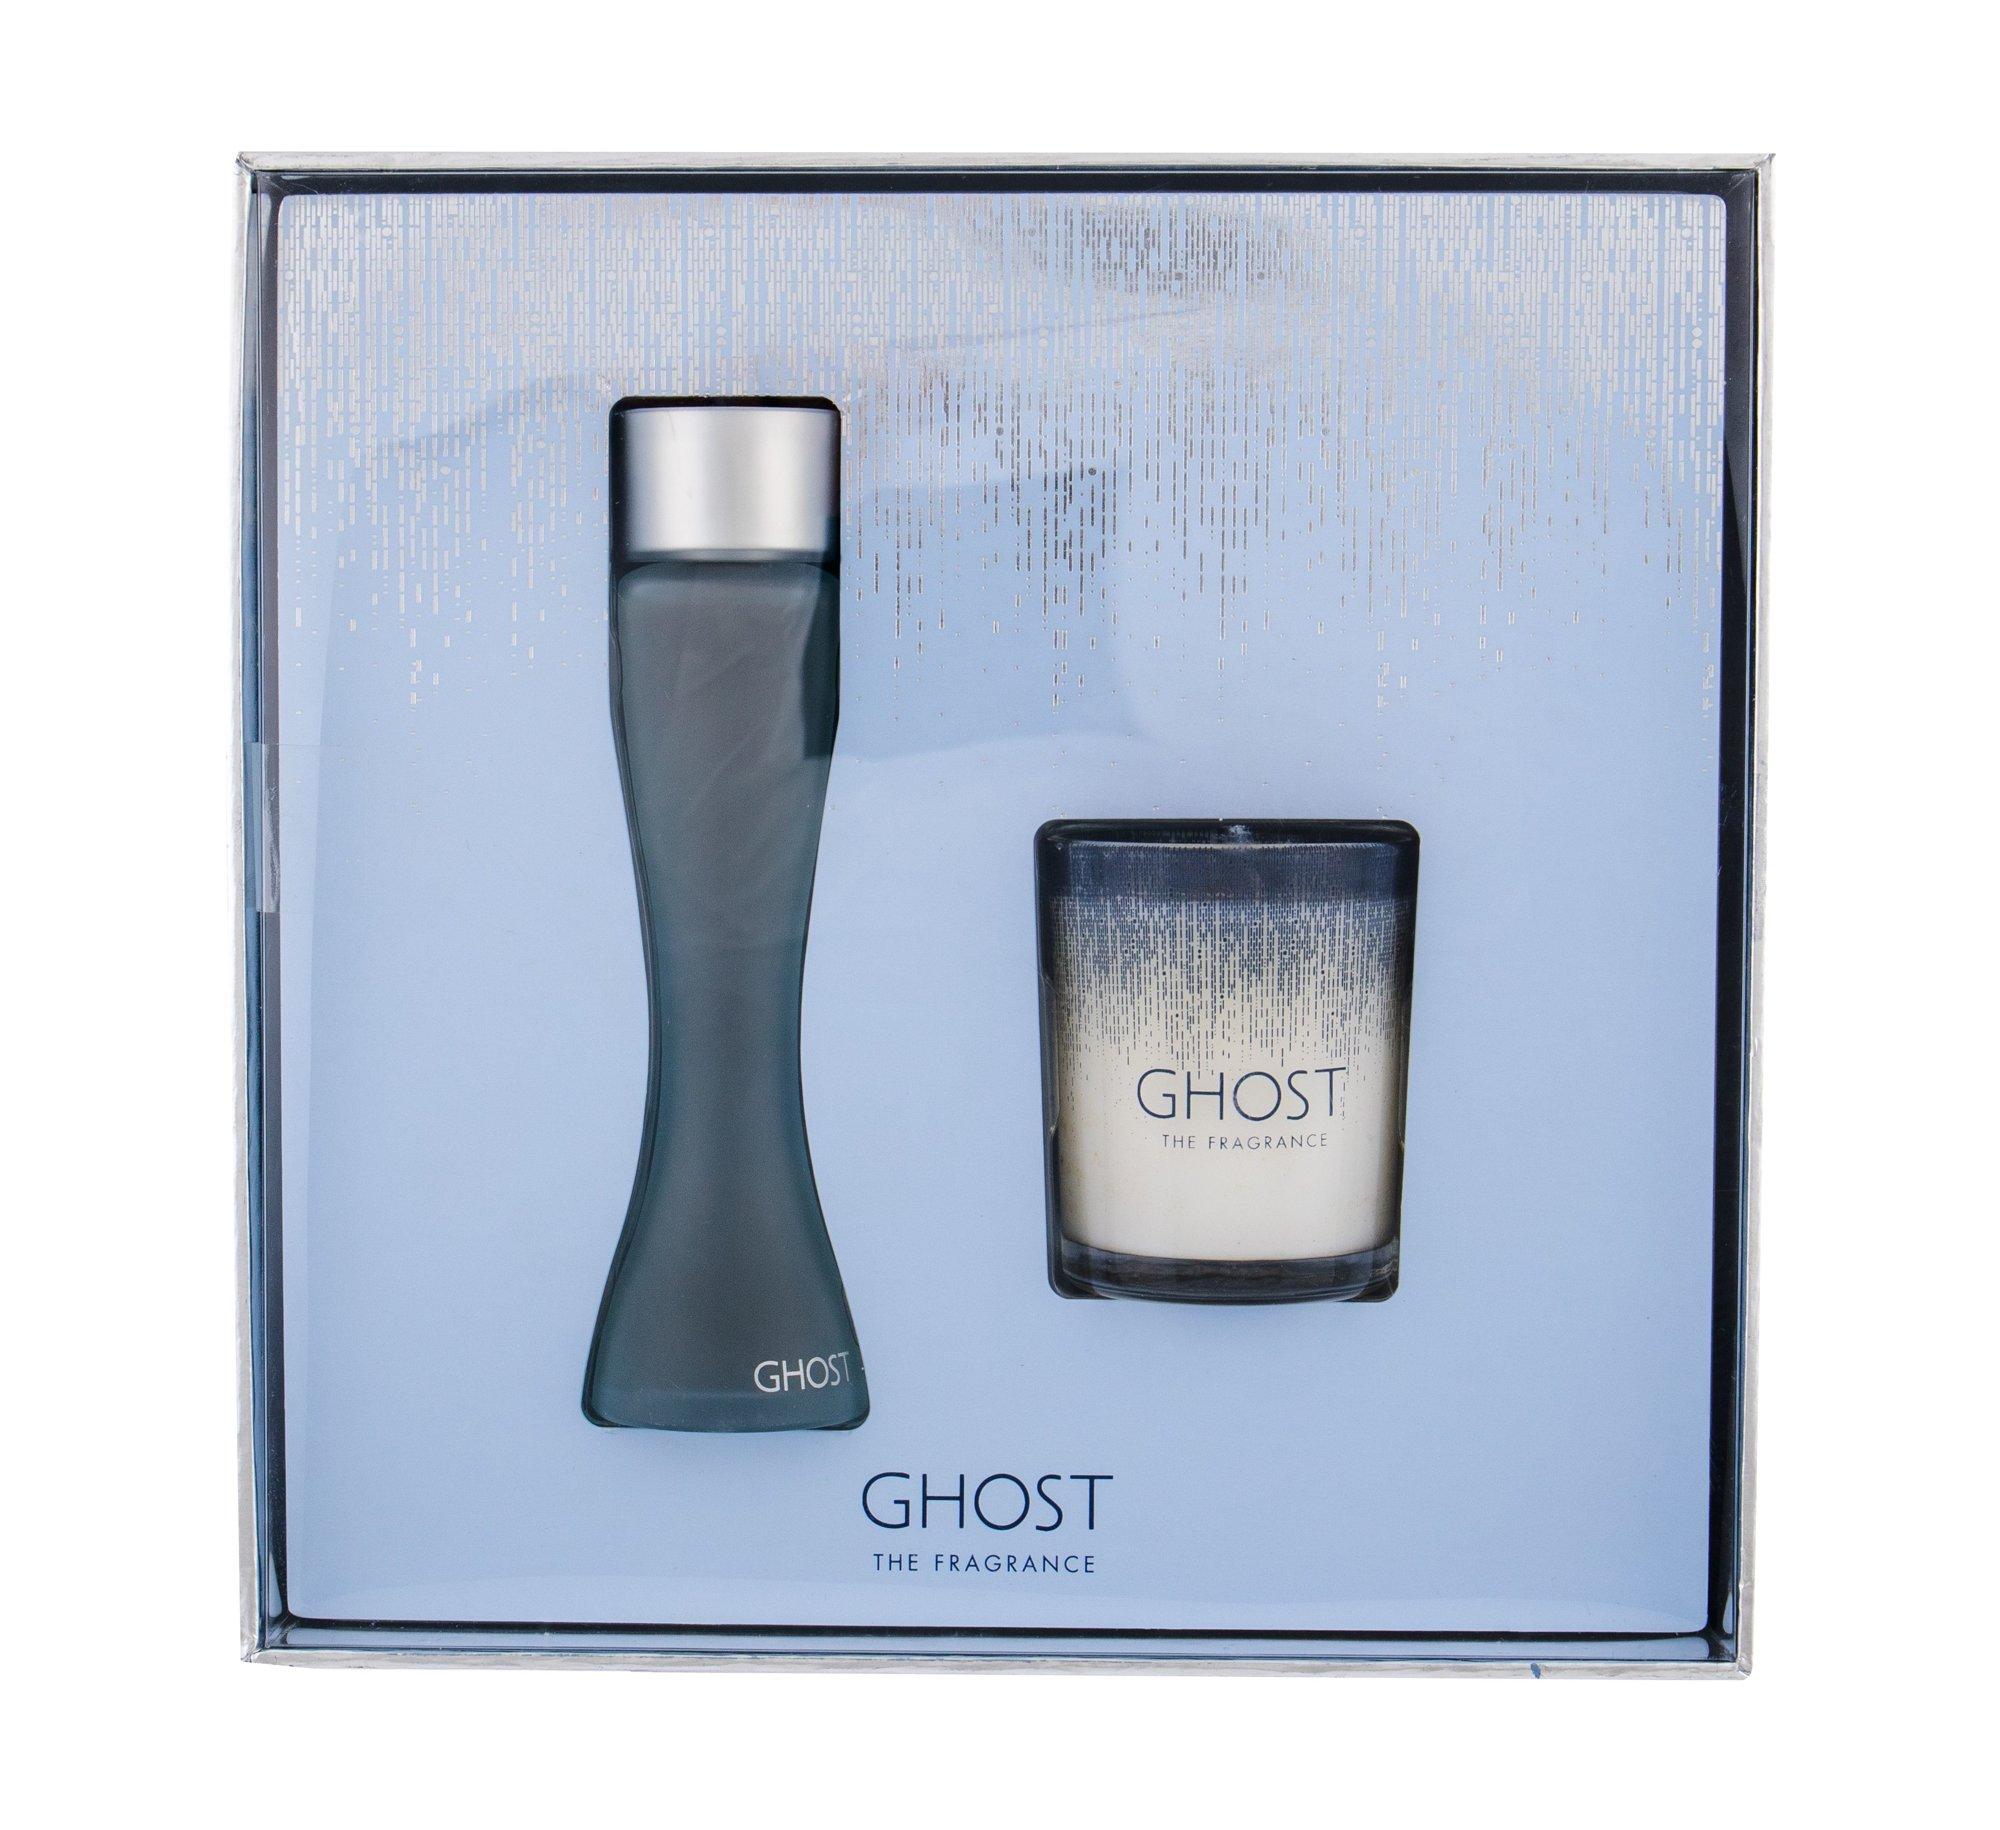 Ghost Ghost Eau de Toilette 30ml